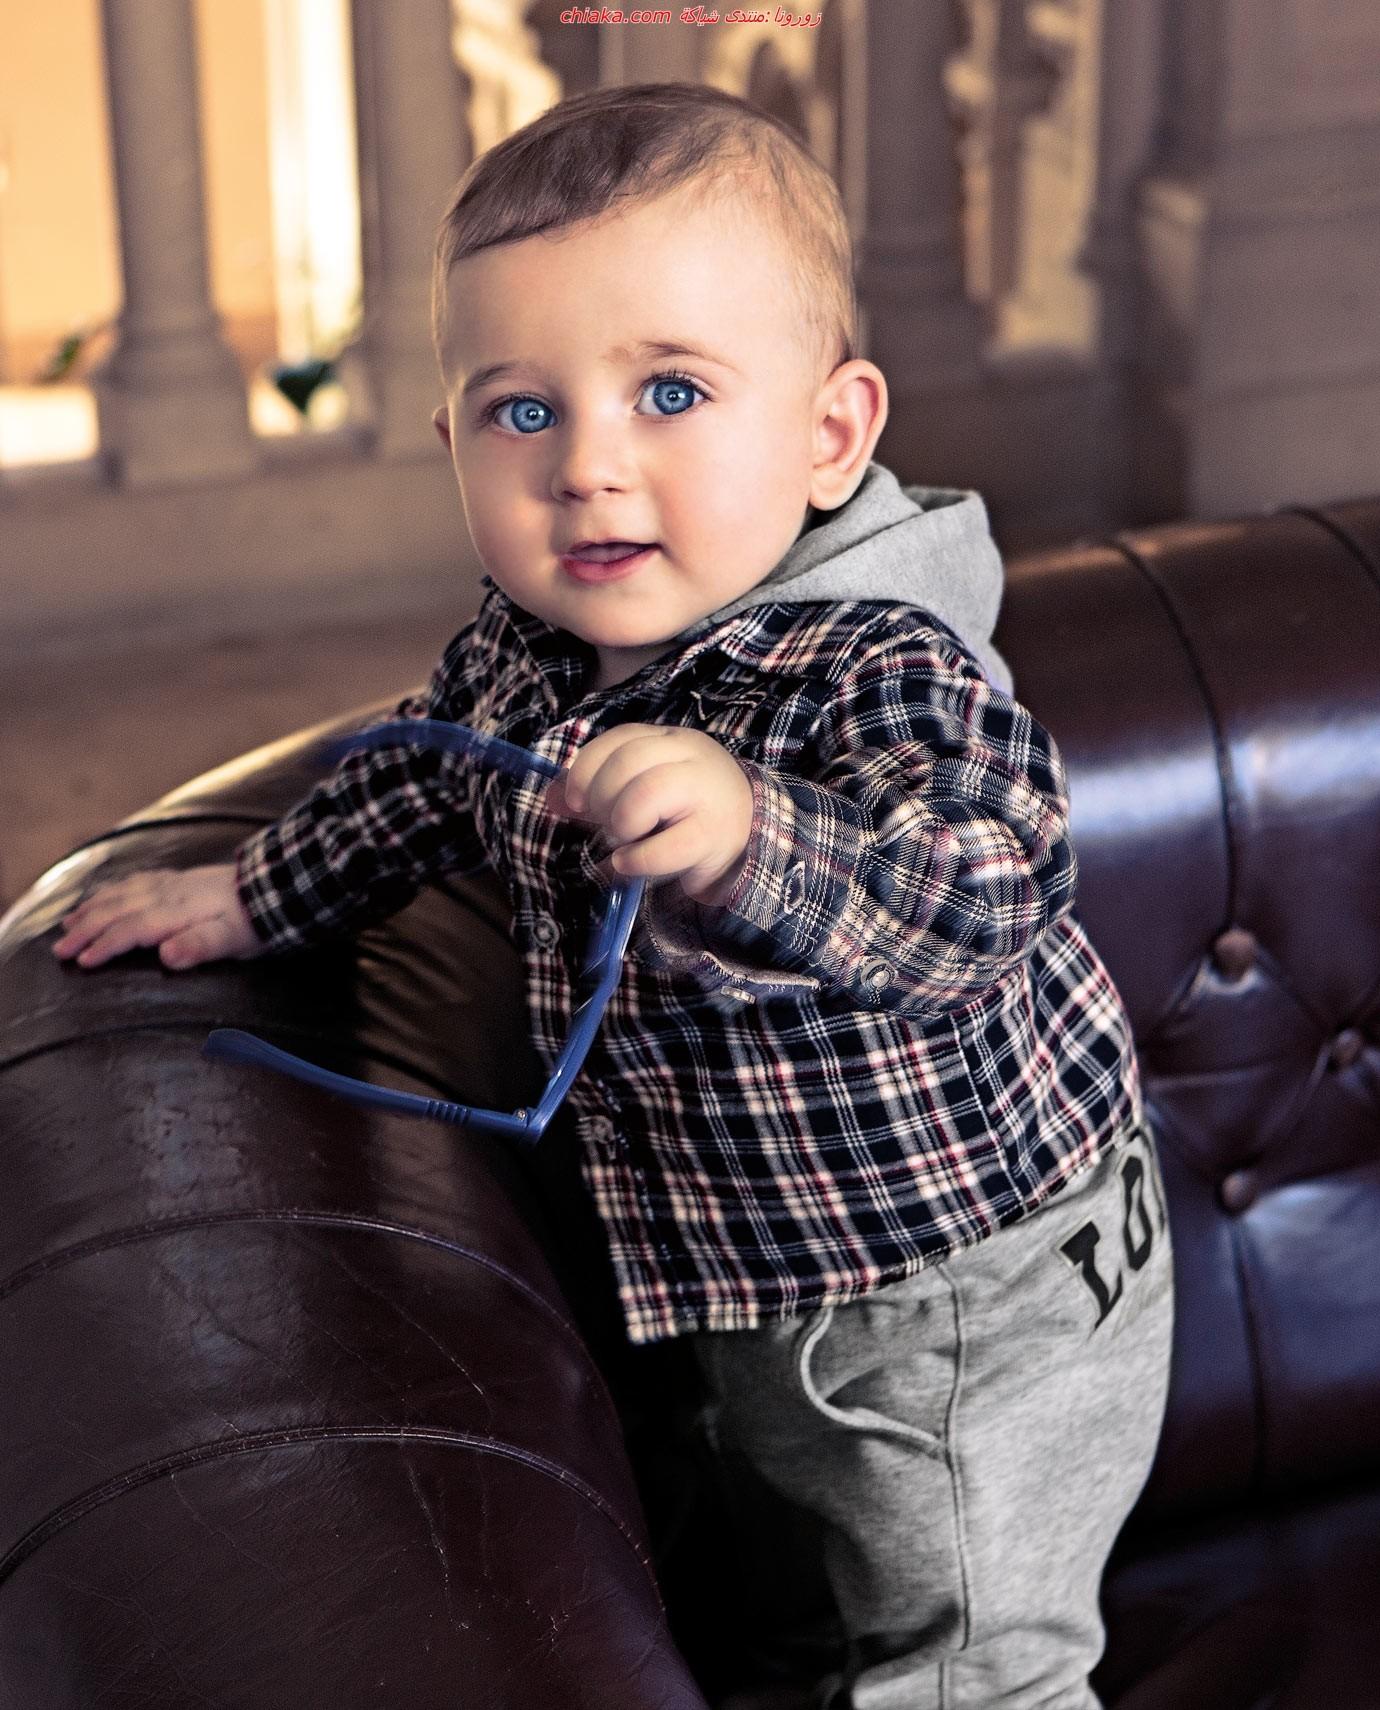 بالصور صور اطفال اولاد , الاطفال و جمالهم وصور لهو 5385 13